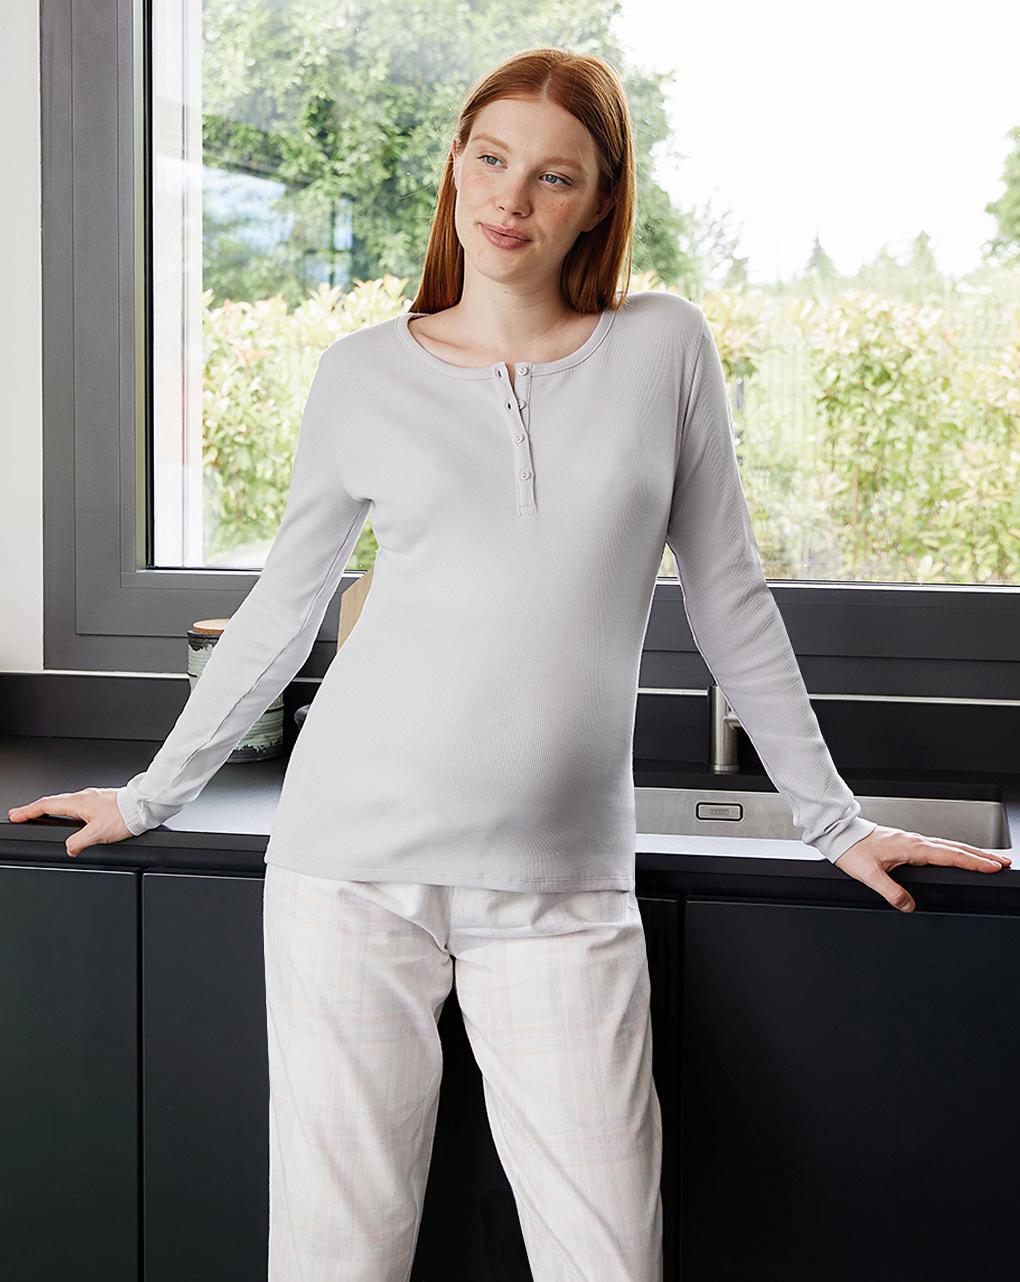 Γυναικεία Μπλούζα Πιτζάμας με Κουμπάκια Γκρι